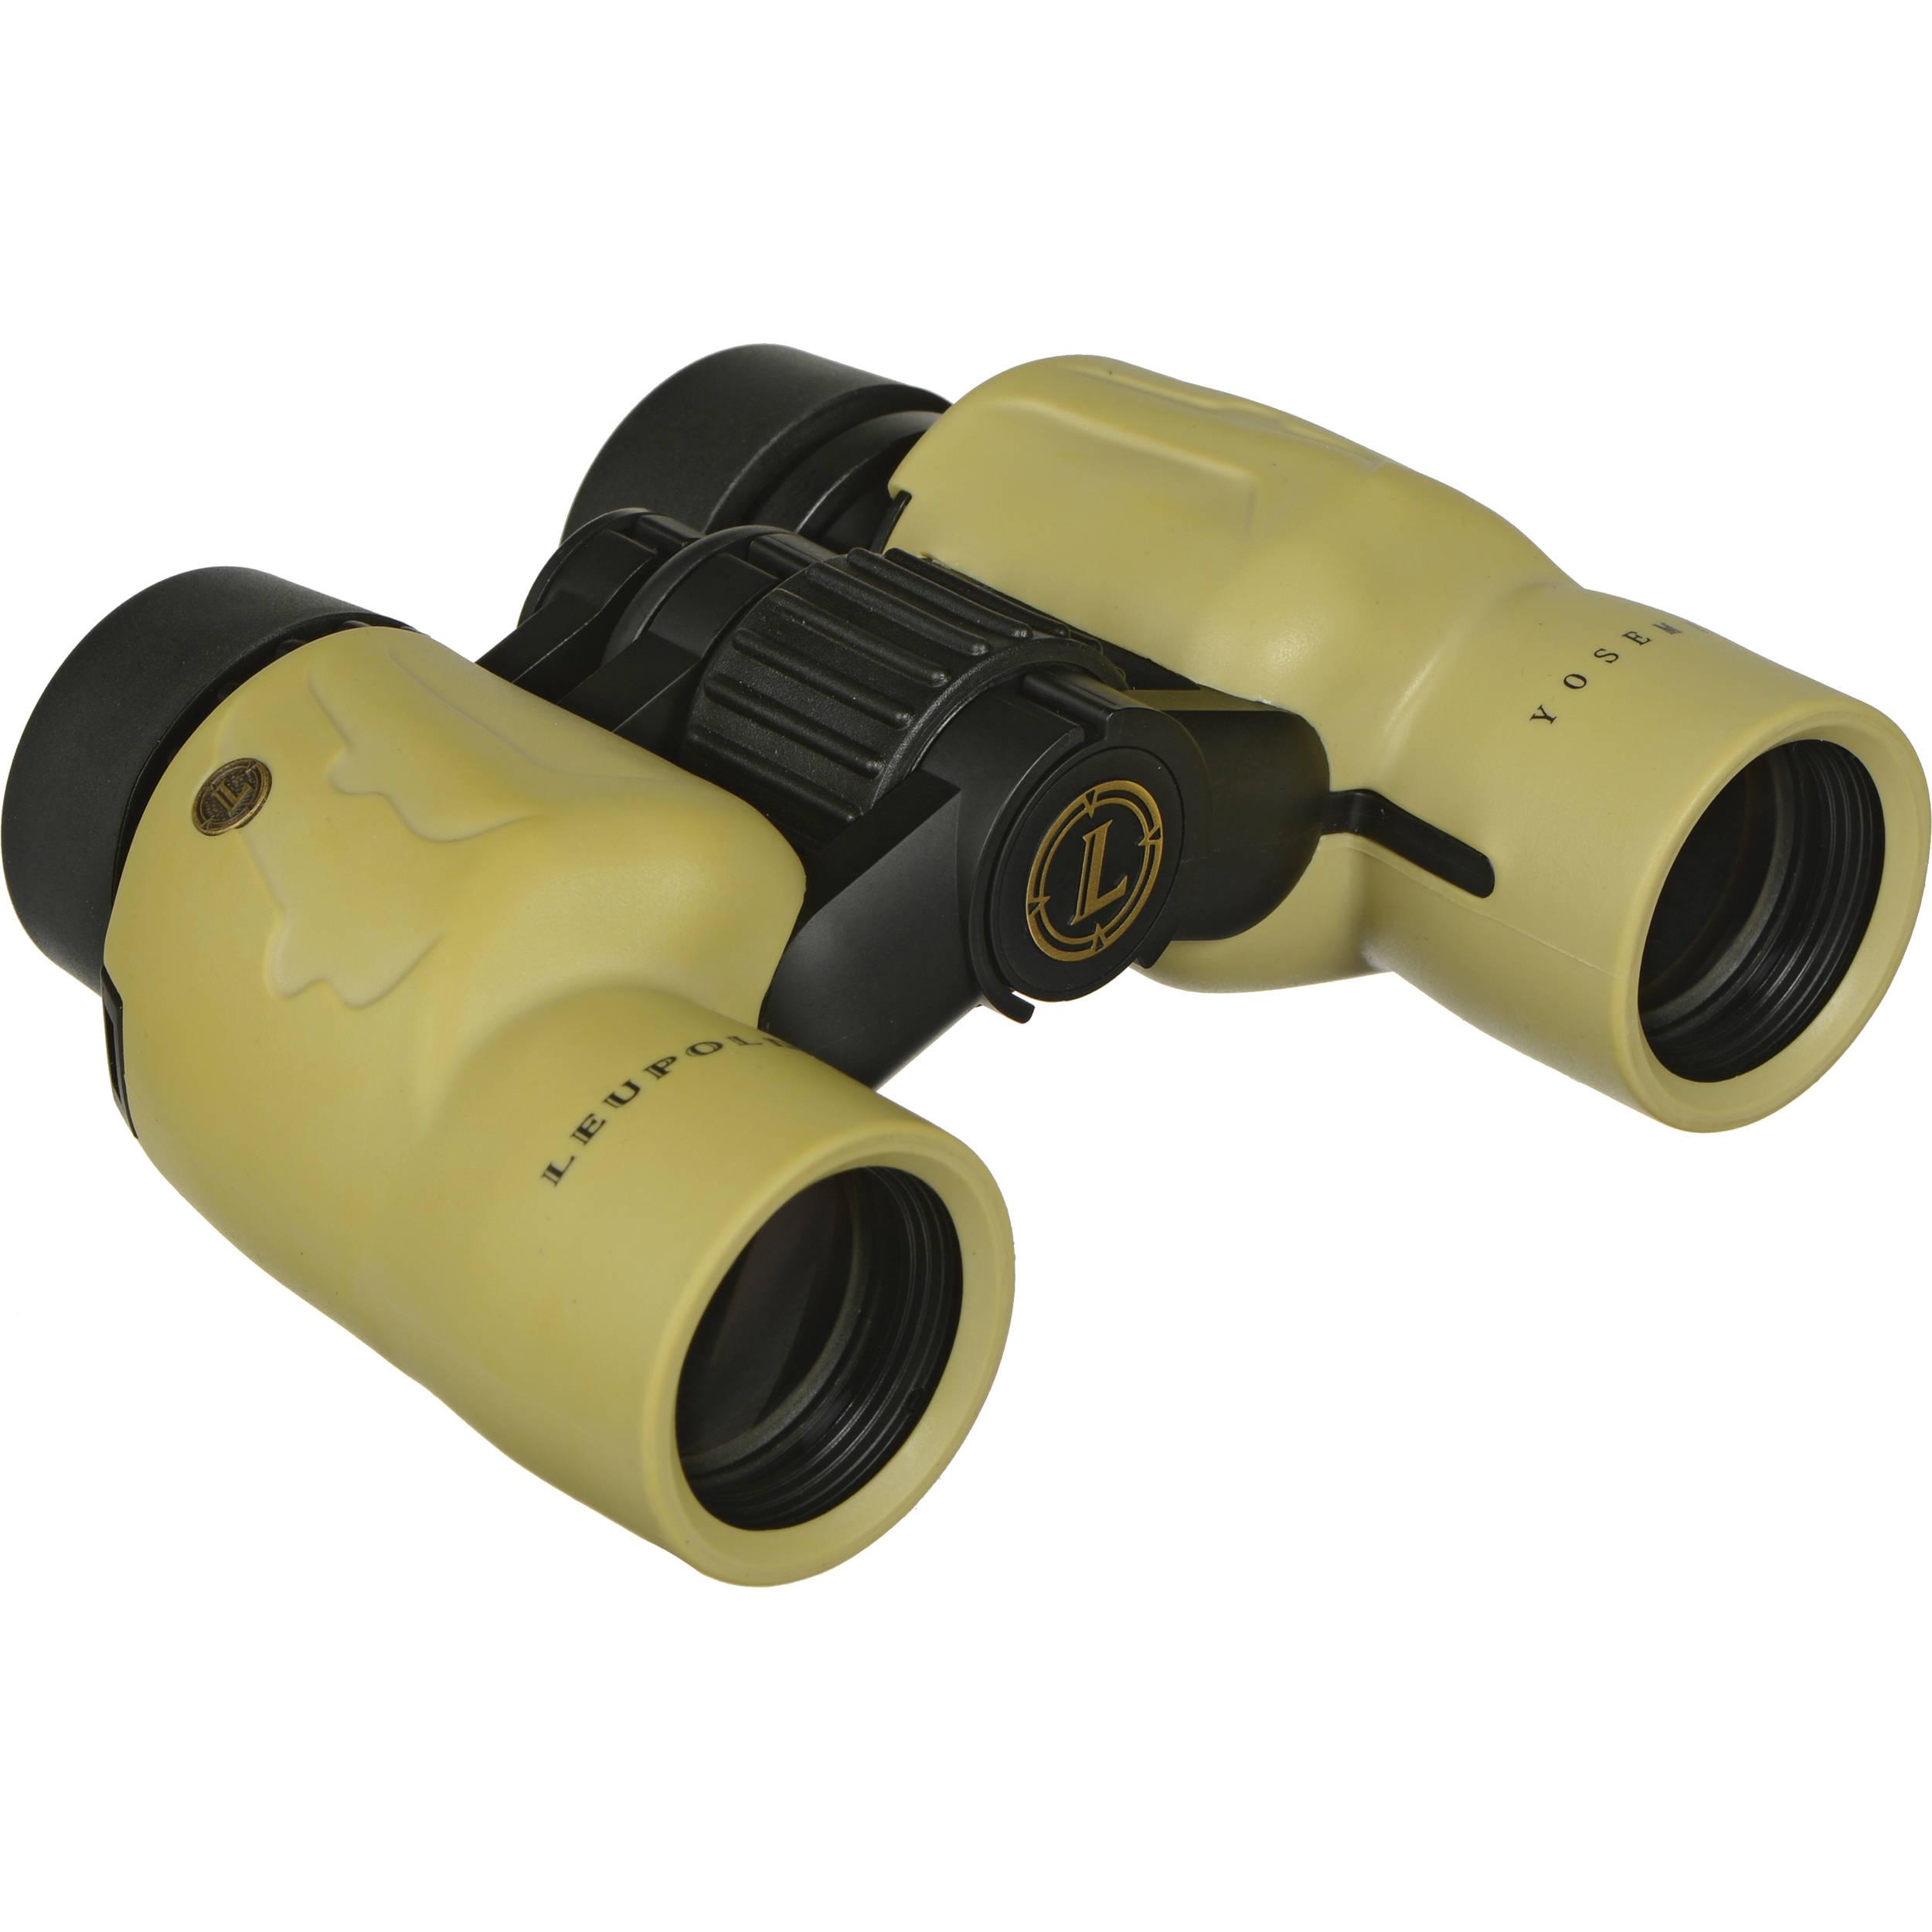 Leupold 6x30 BX-1 Yosemite Binocular (Natural)